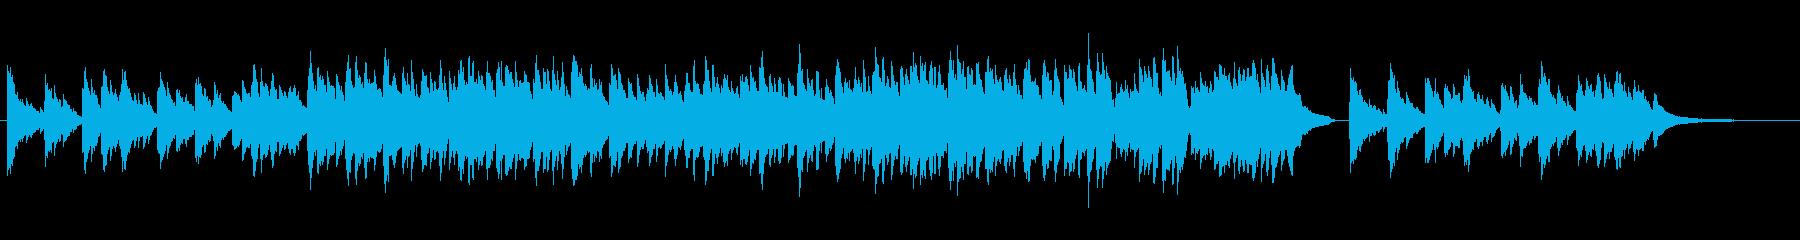 舞い散る桜をイメージしたピアノ小品の再生済みの波形